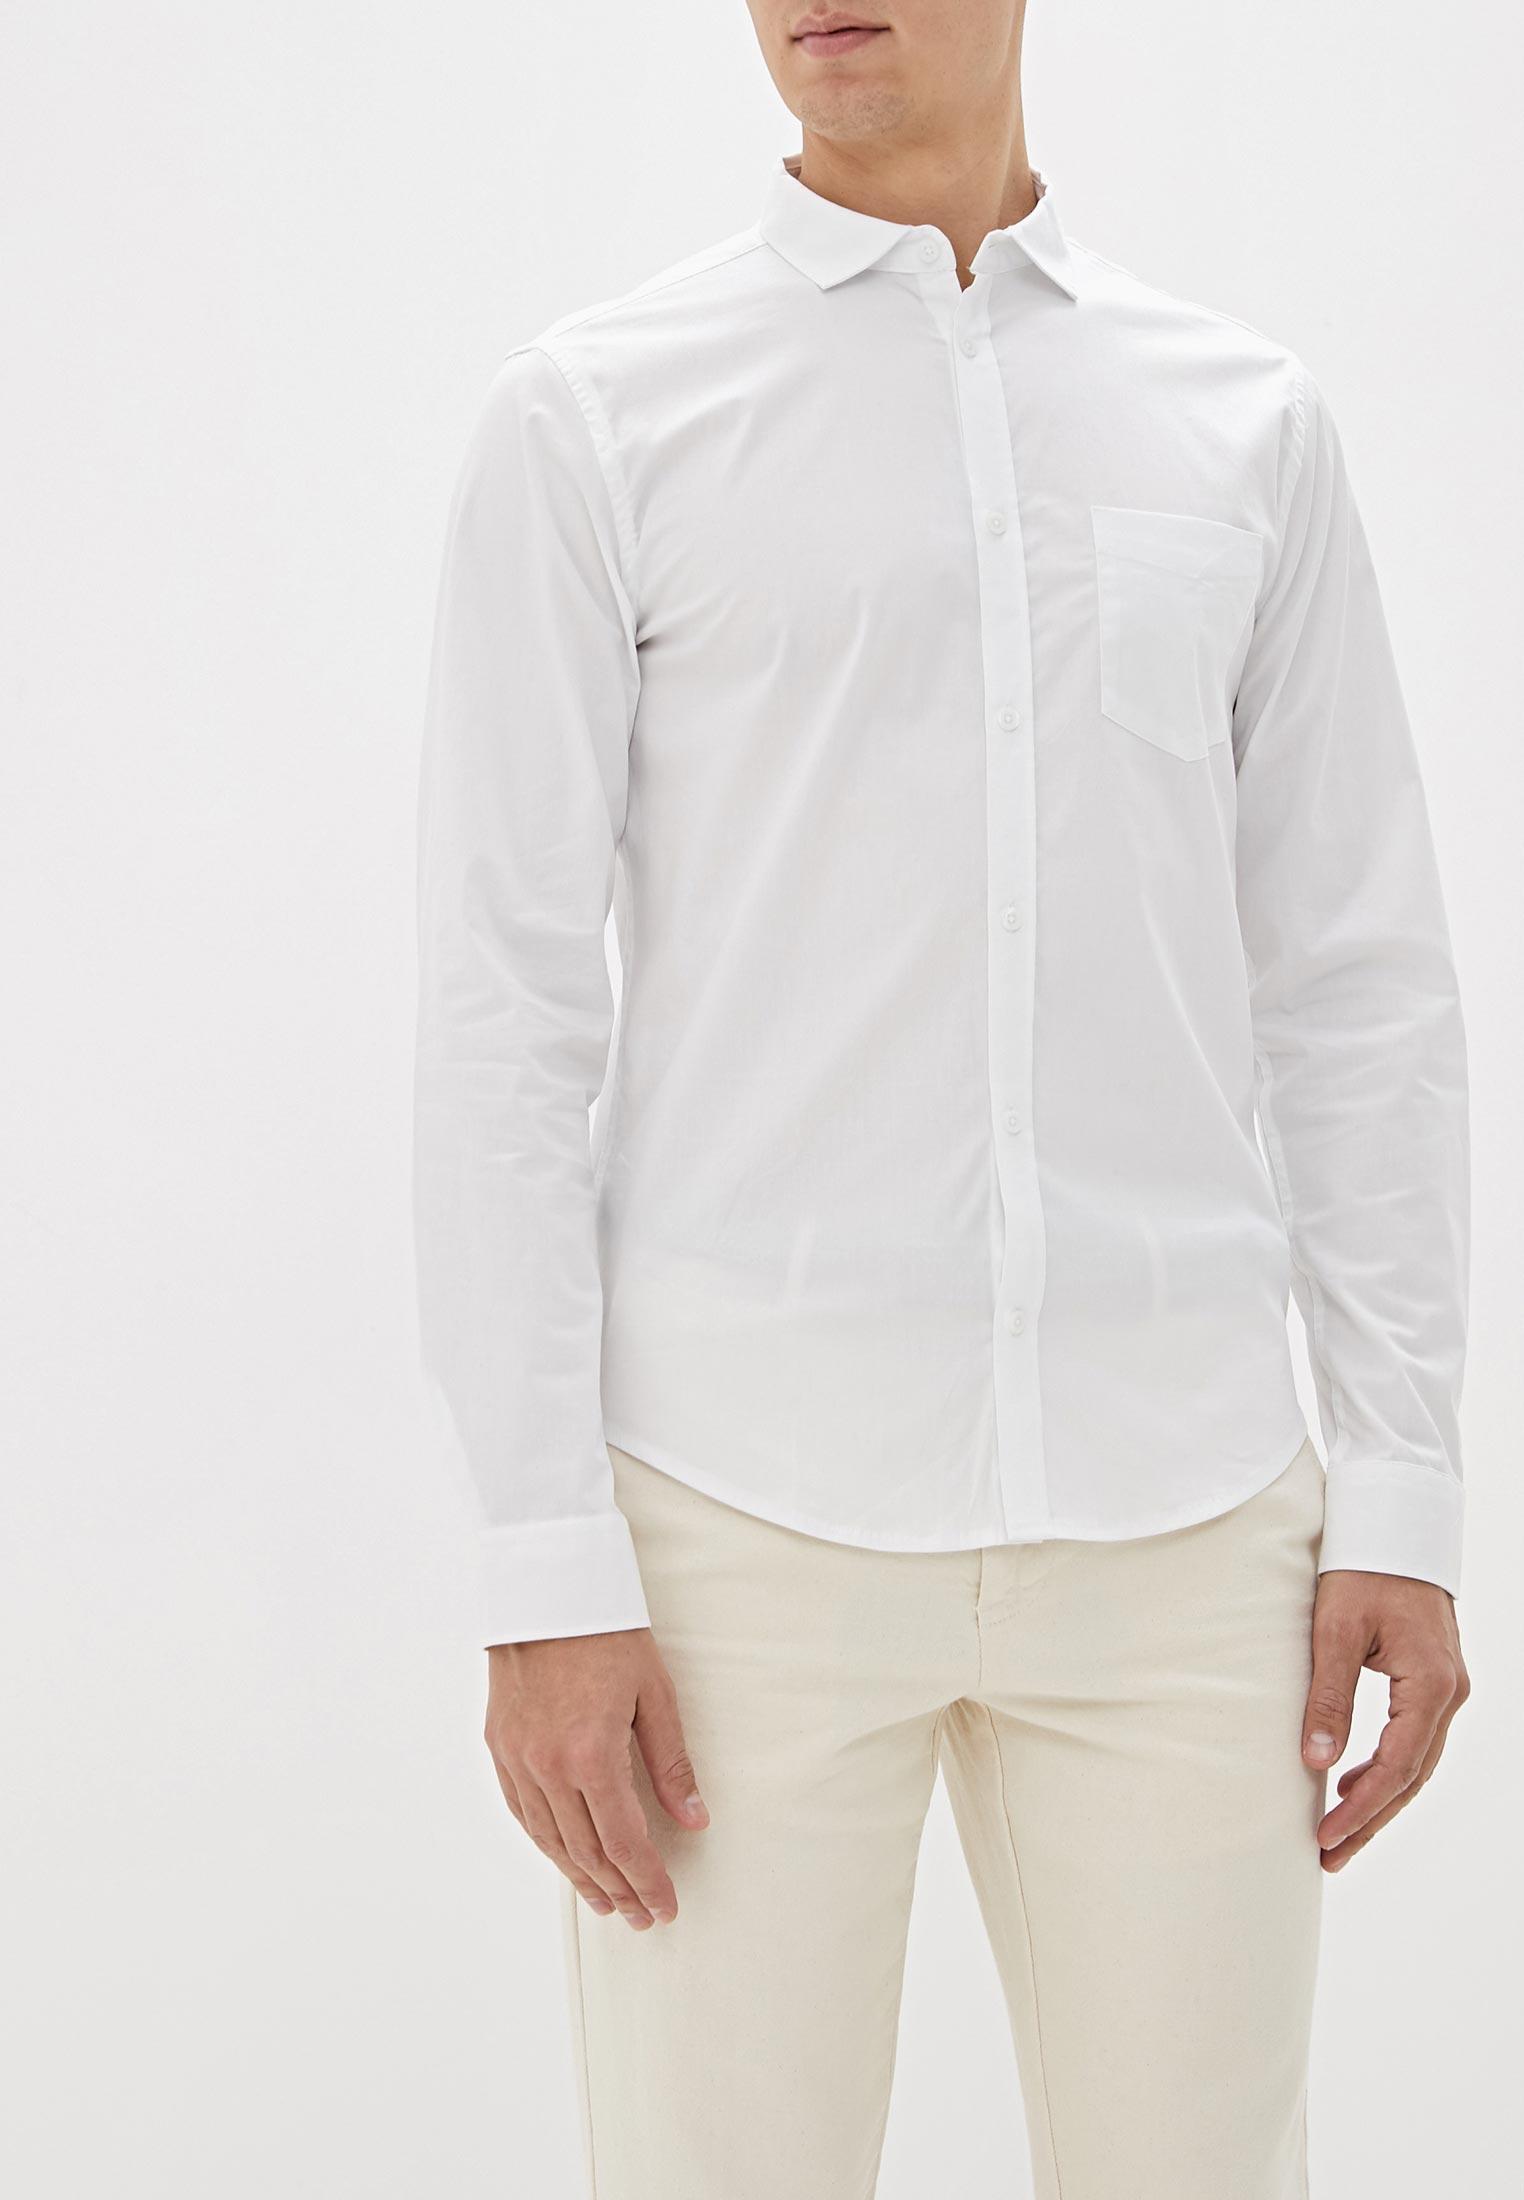 картинки рукава белых рубашек опубликовала снимки